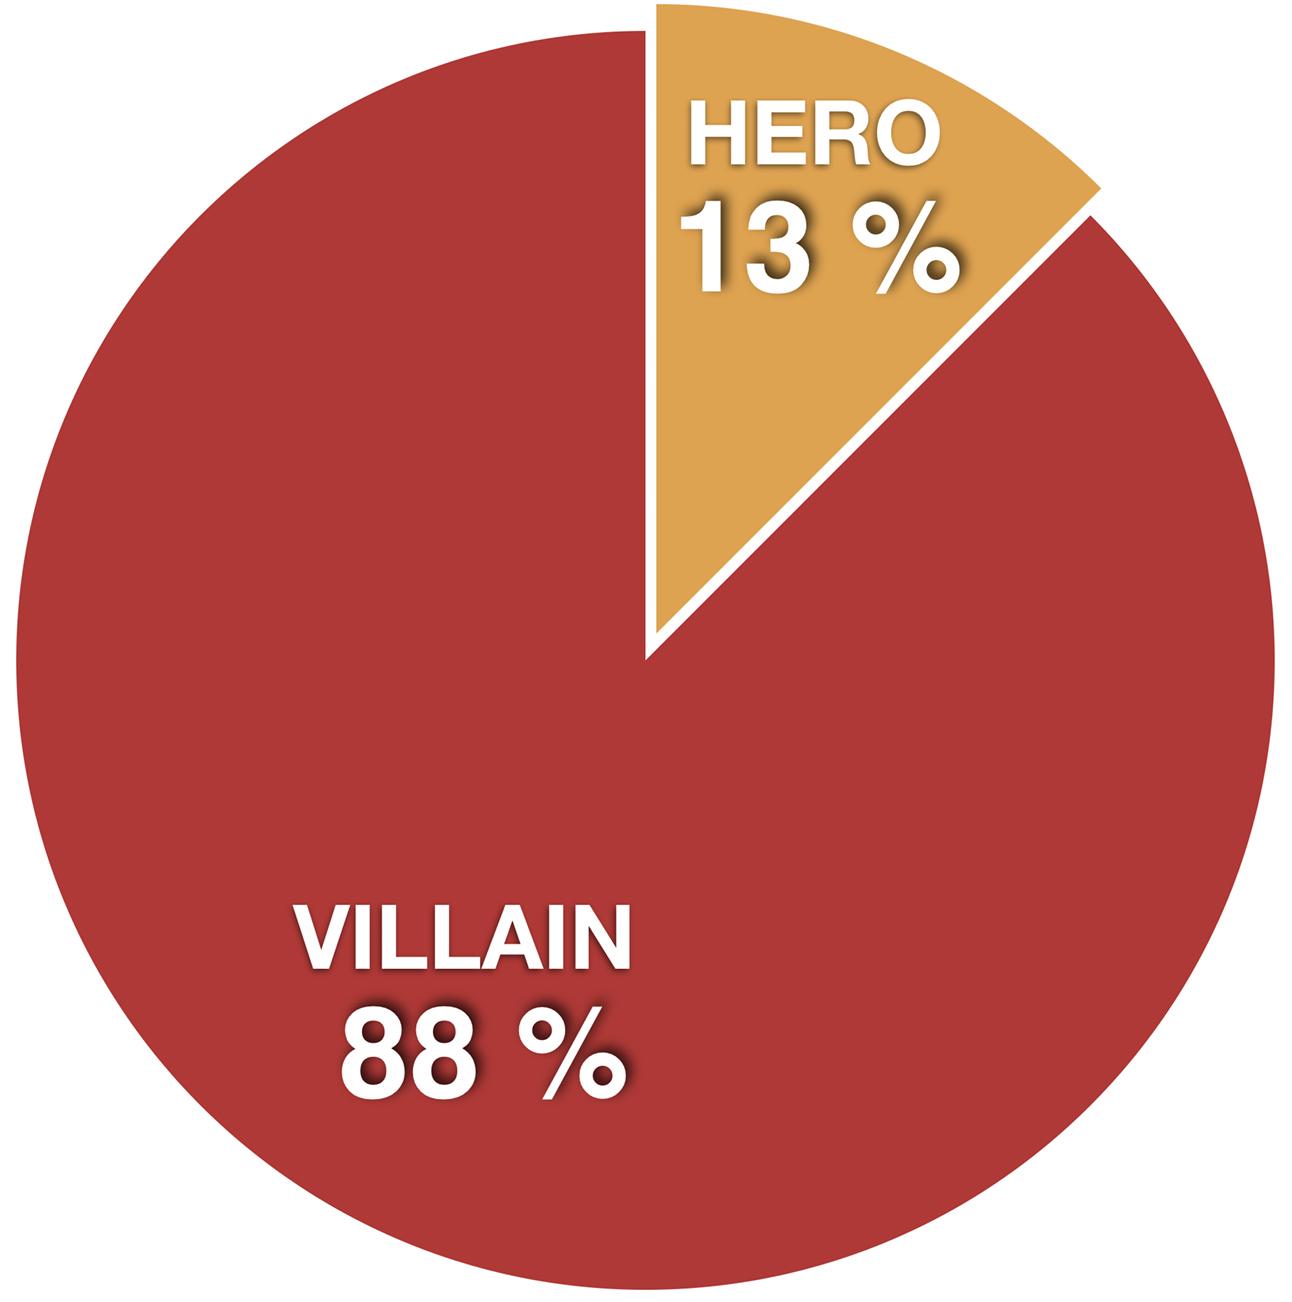 Top8 Spanish Nationals hero villainjpg